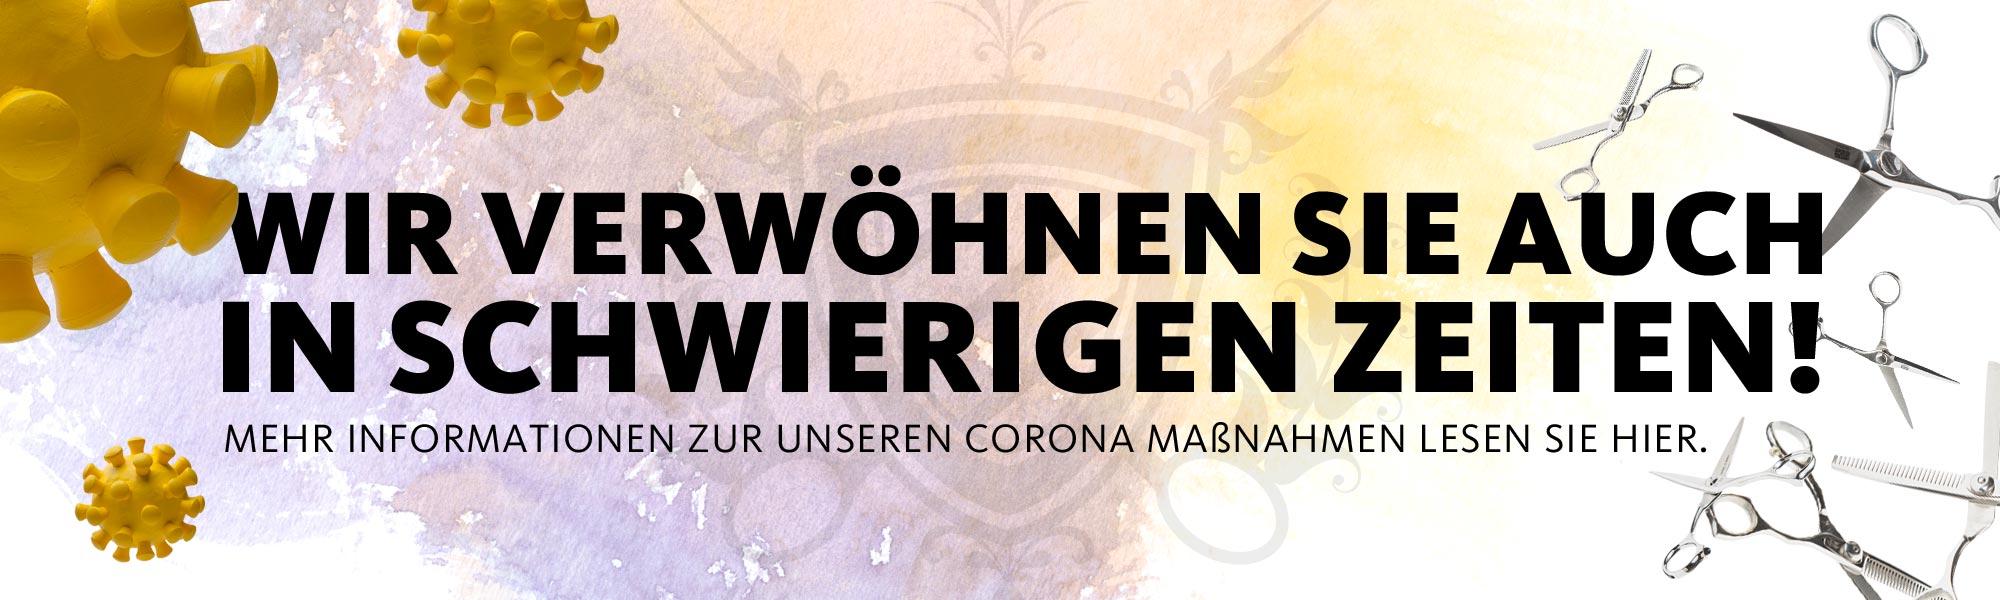 gutmann-corona-web